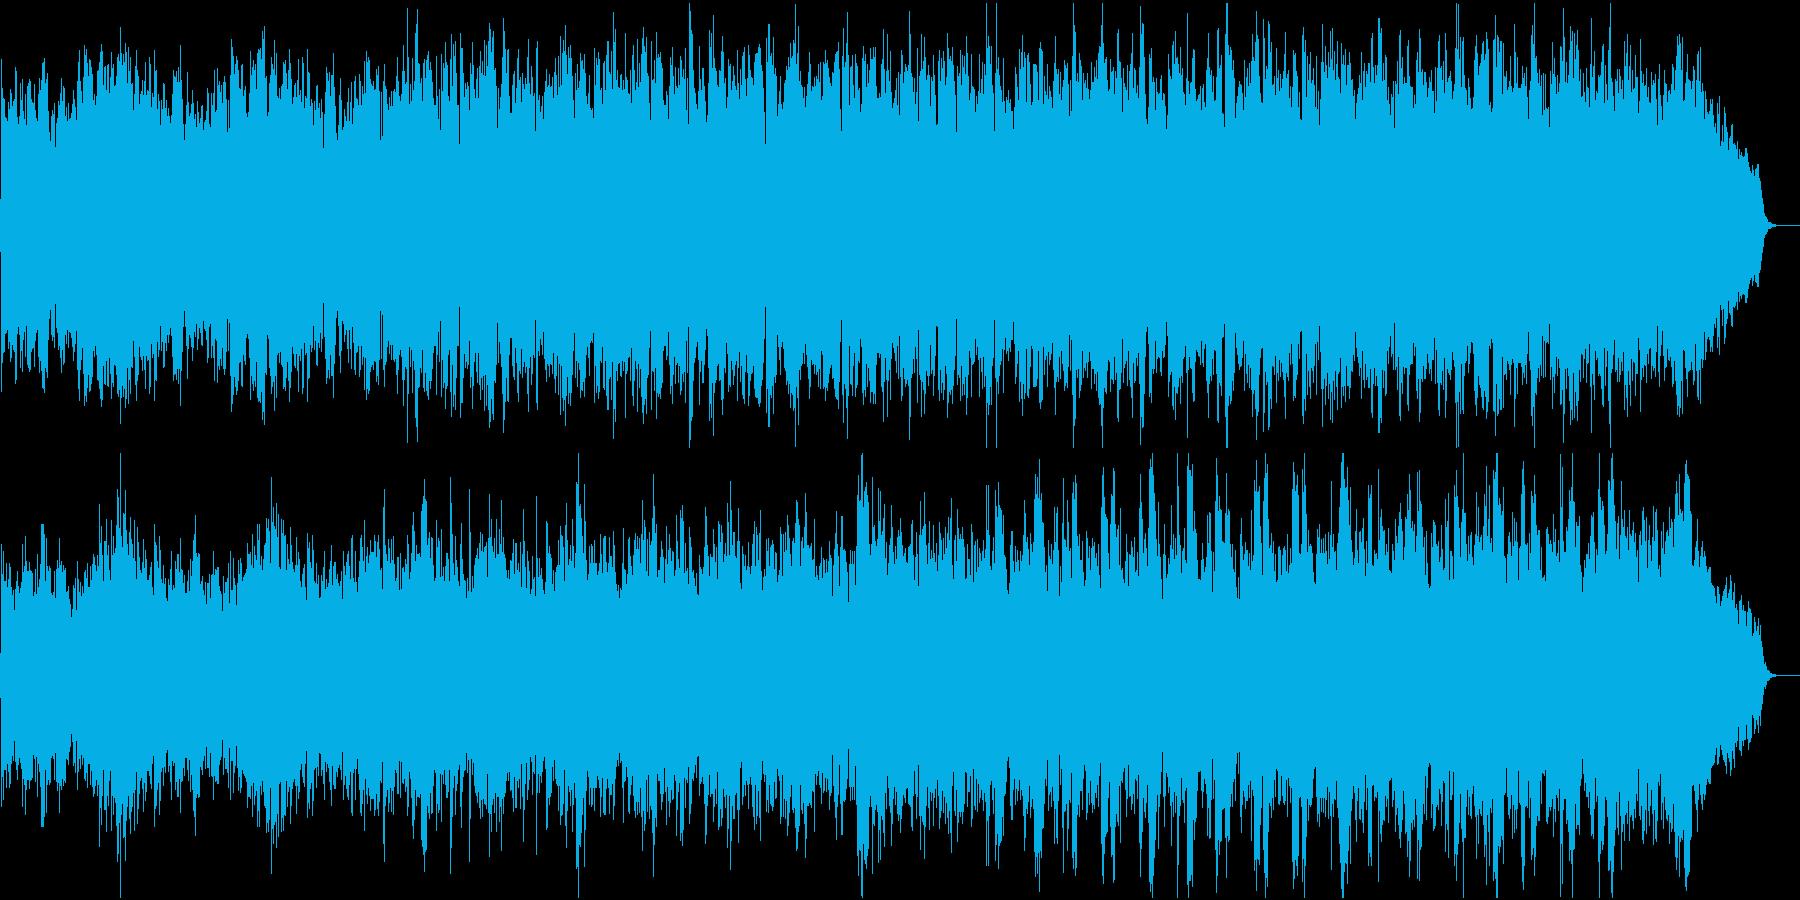 和風:日本の風情・情緒④ピアノと弦のみの再生済みの波形